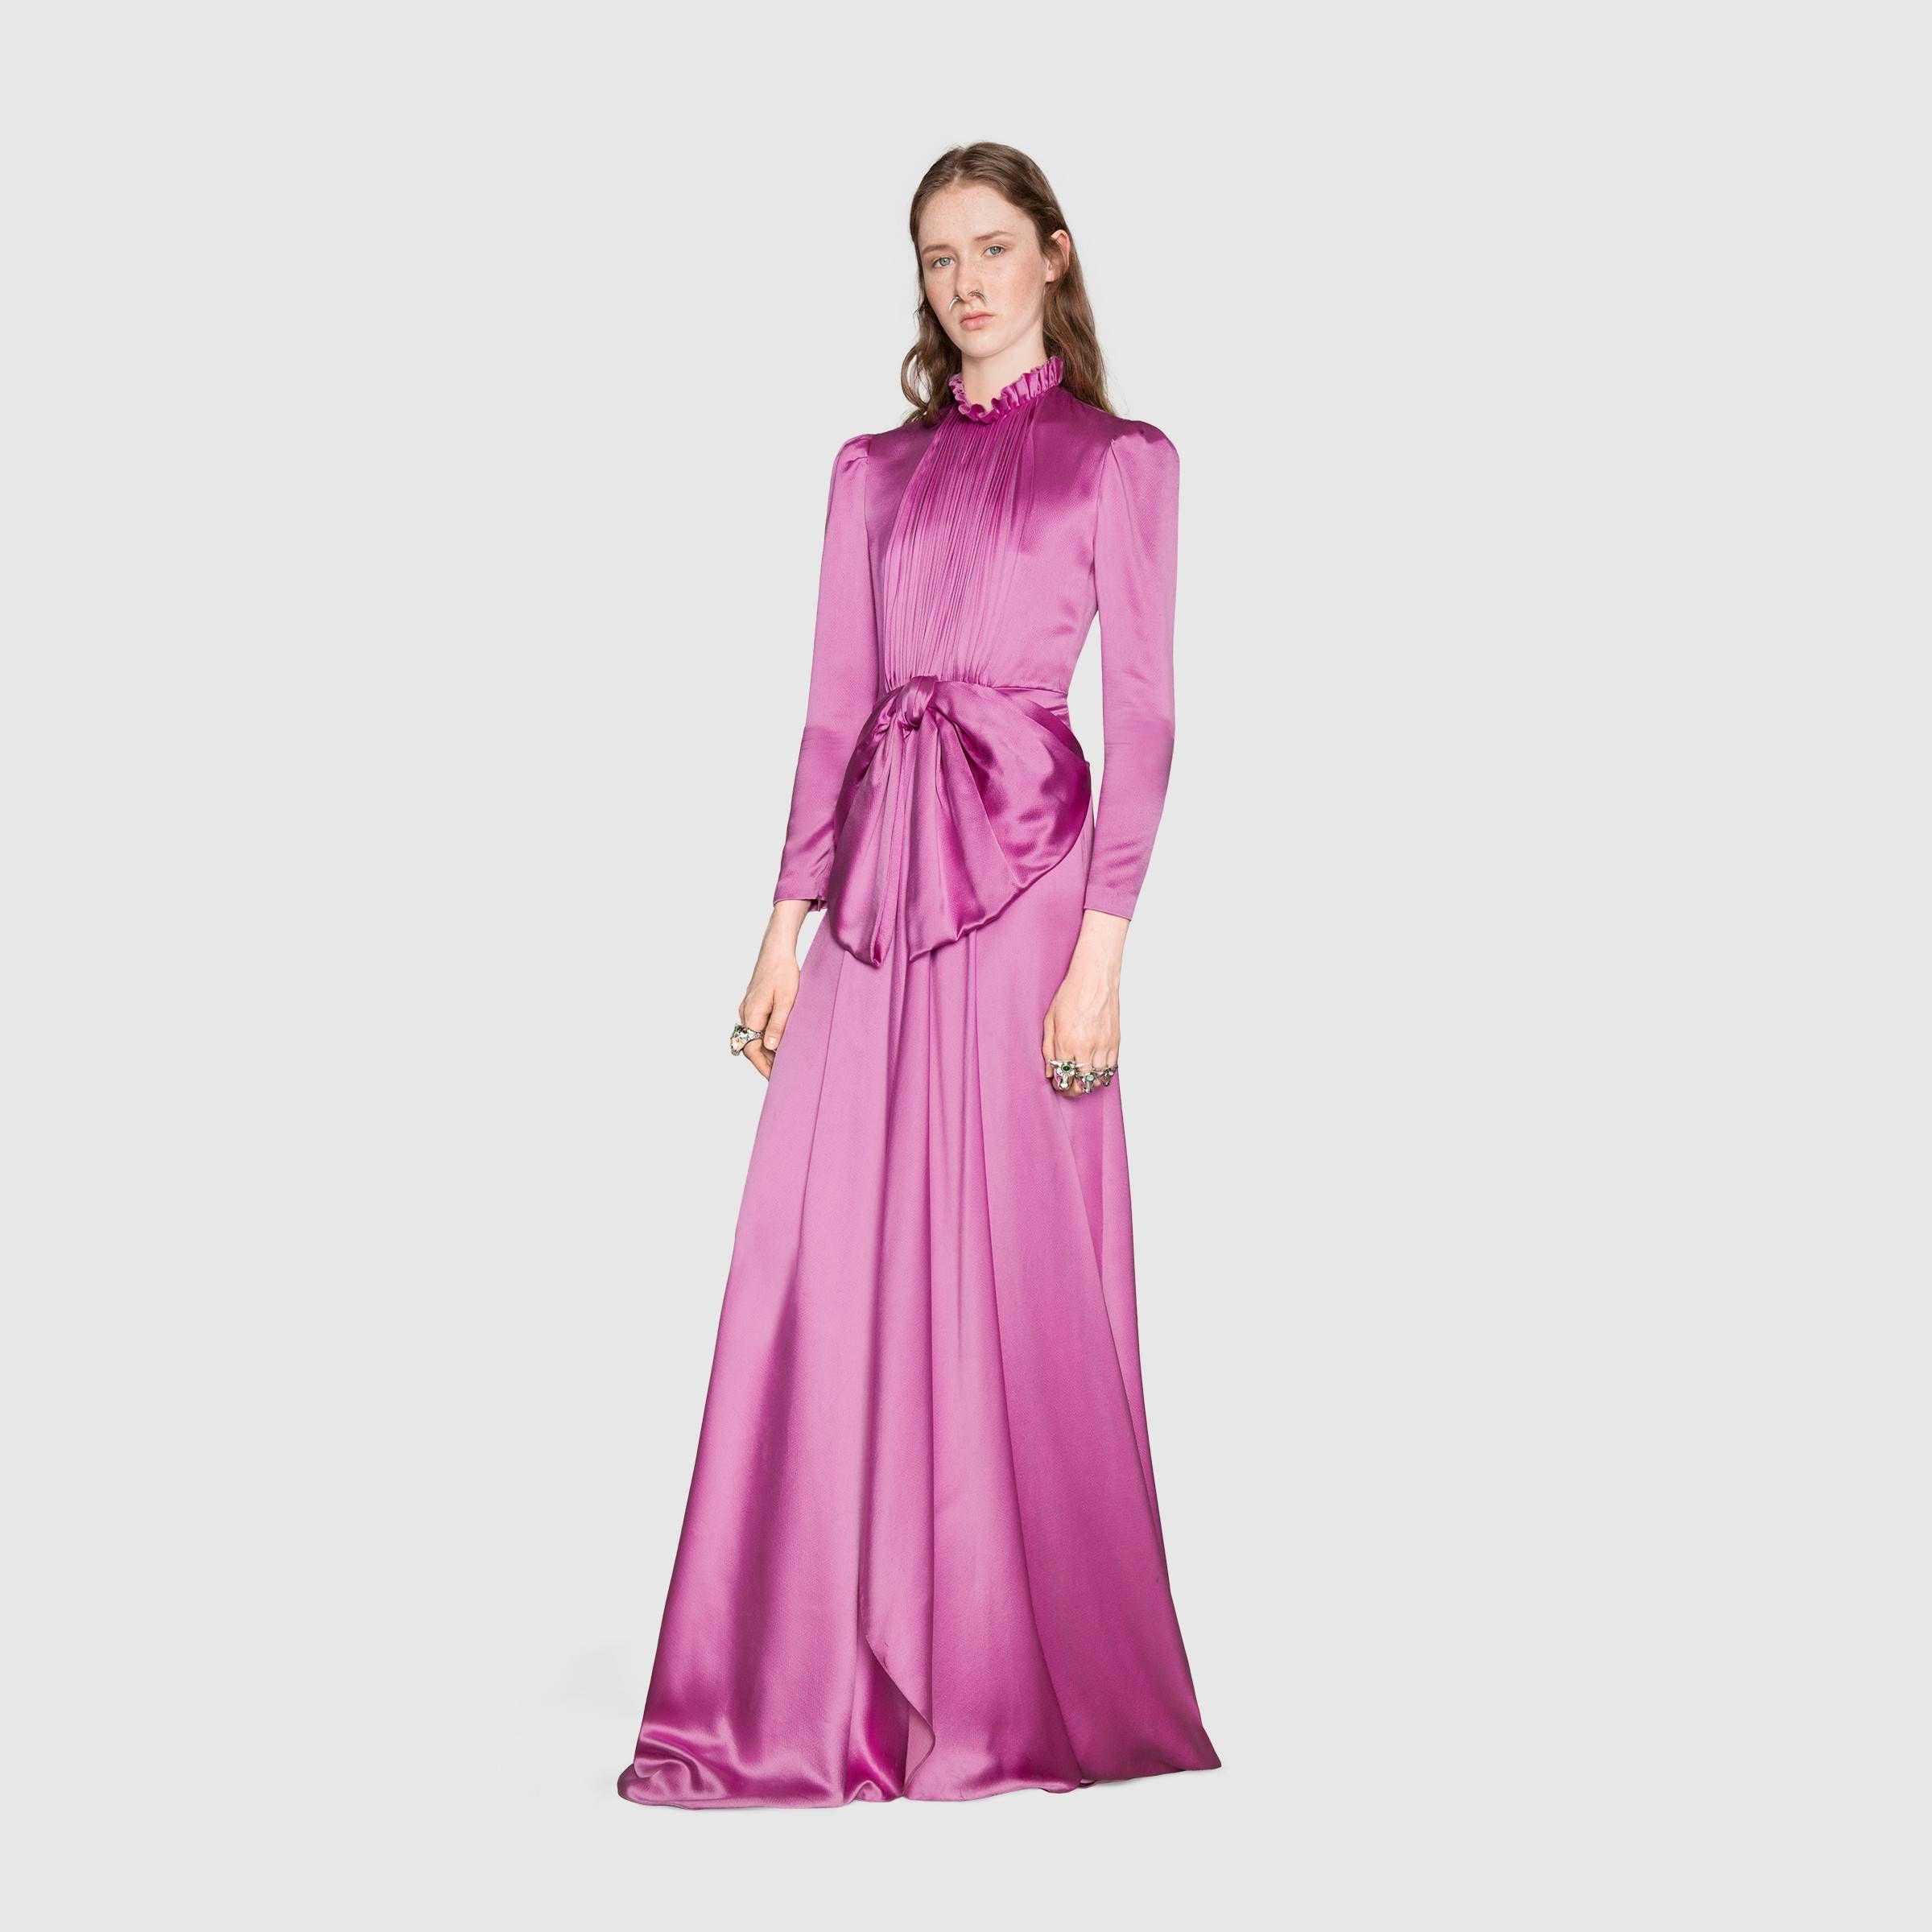 Magnífico Trajes De Novia Nordstrom Fotos - Colección de Vestidos de ...